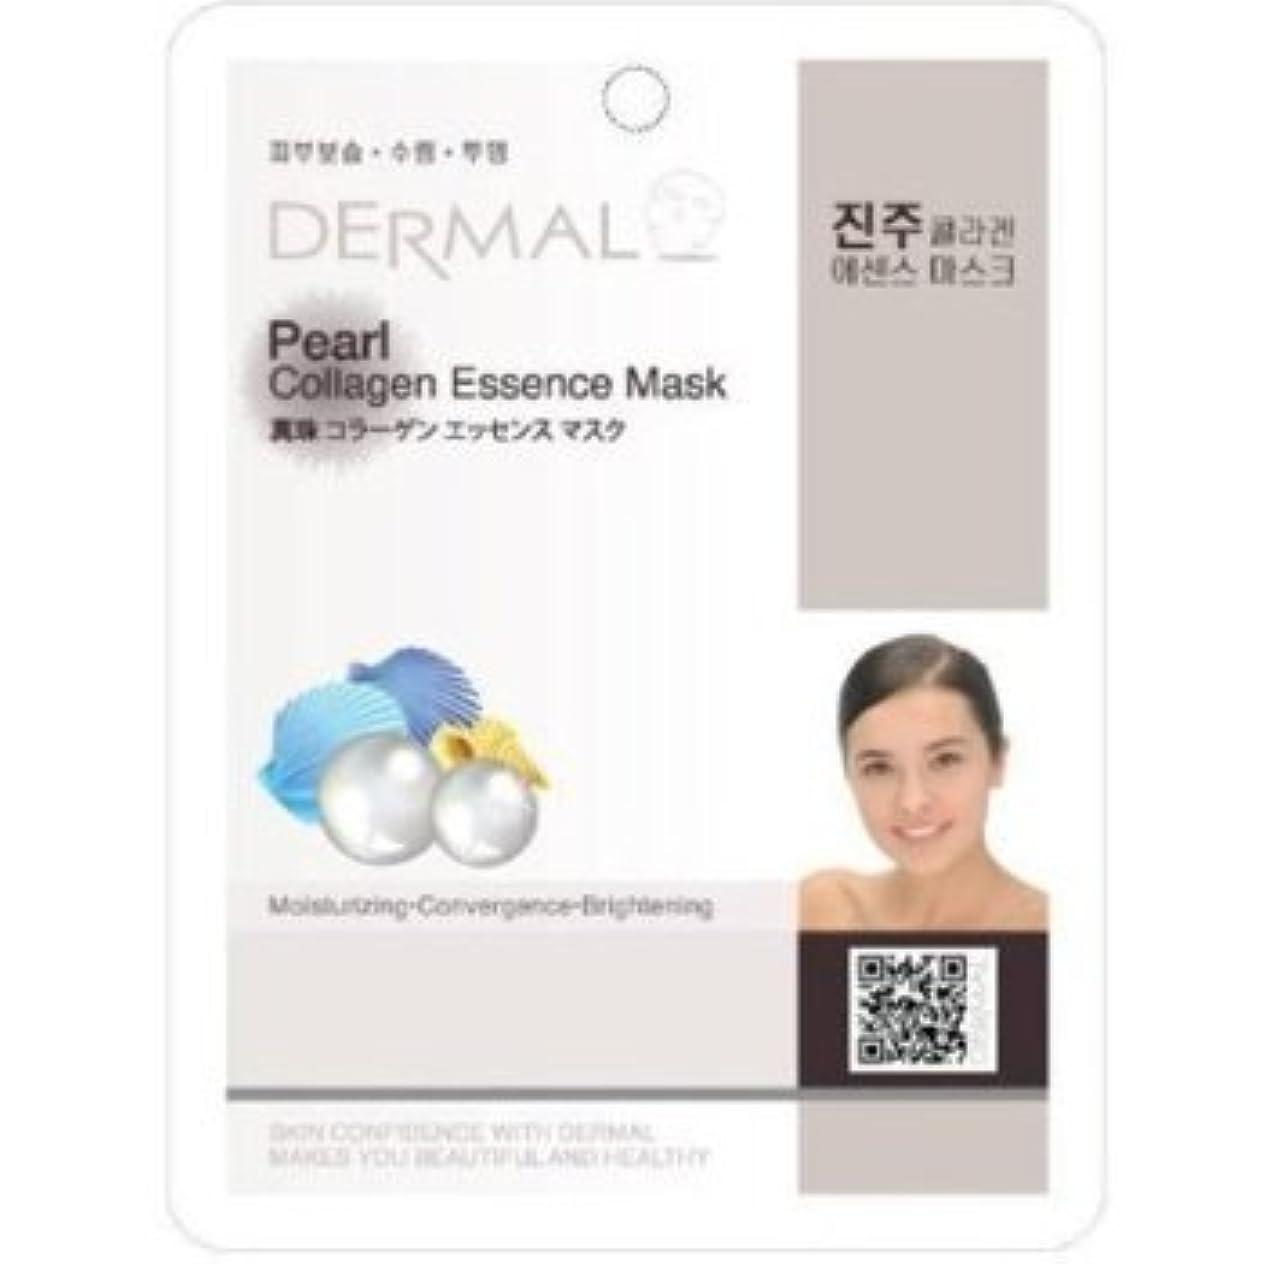 変装進むスチュアート島Dermal Korea Collagen Essence Full Face Facial Mask Sheet - Pearl (100 pcs, 1box)